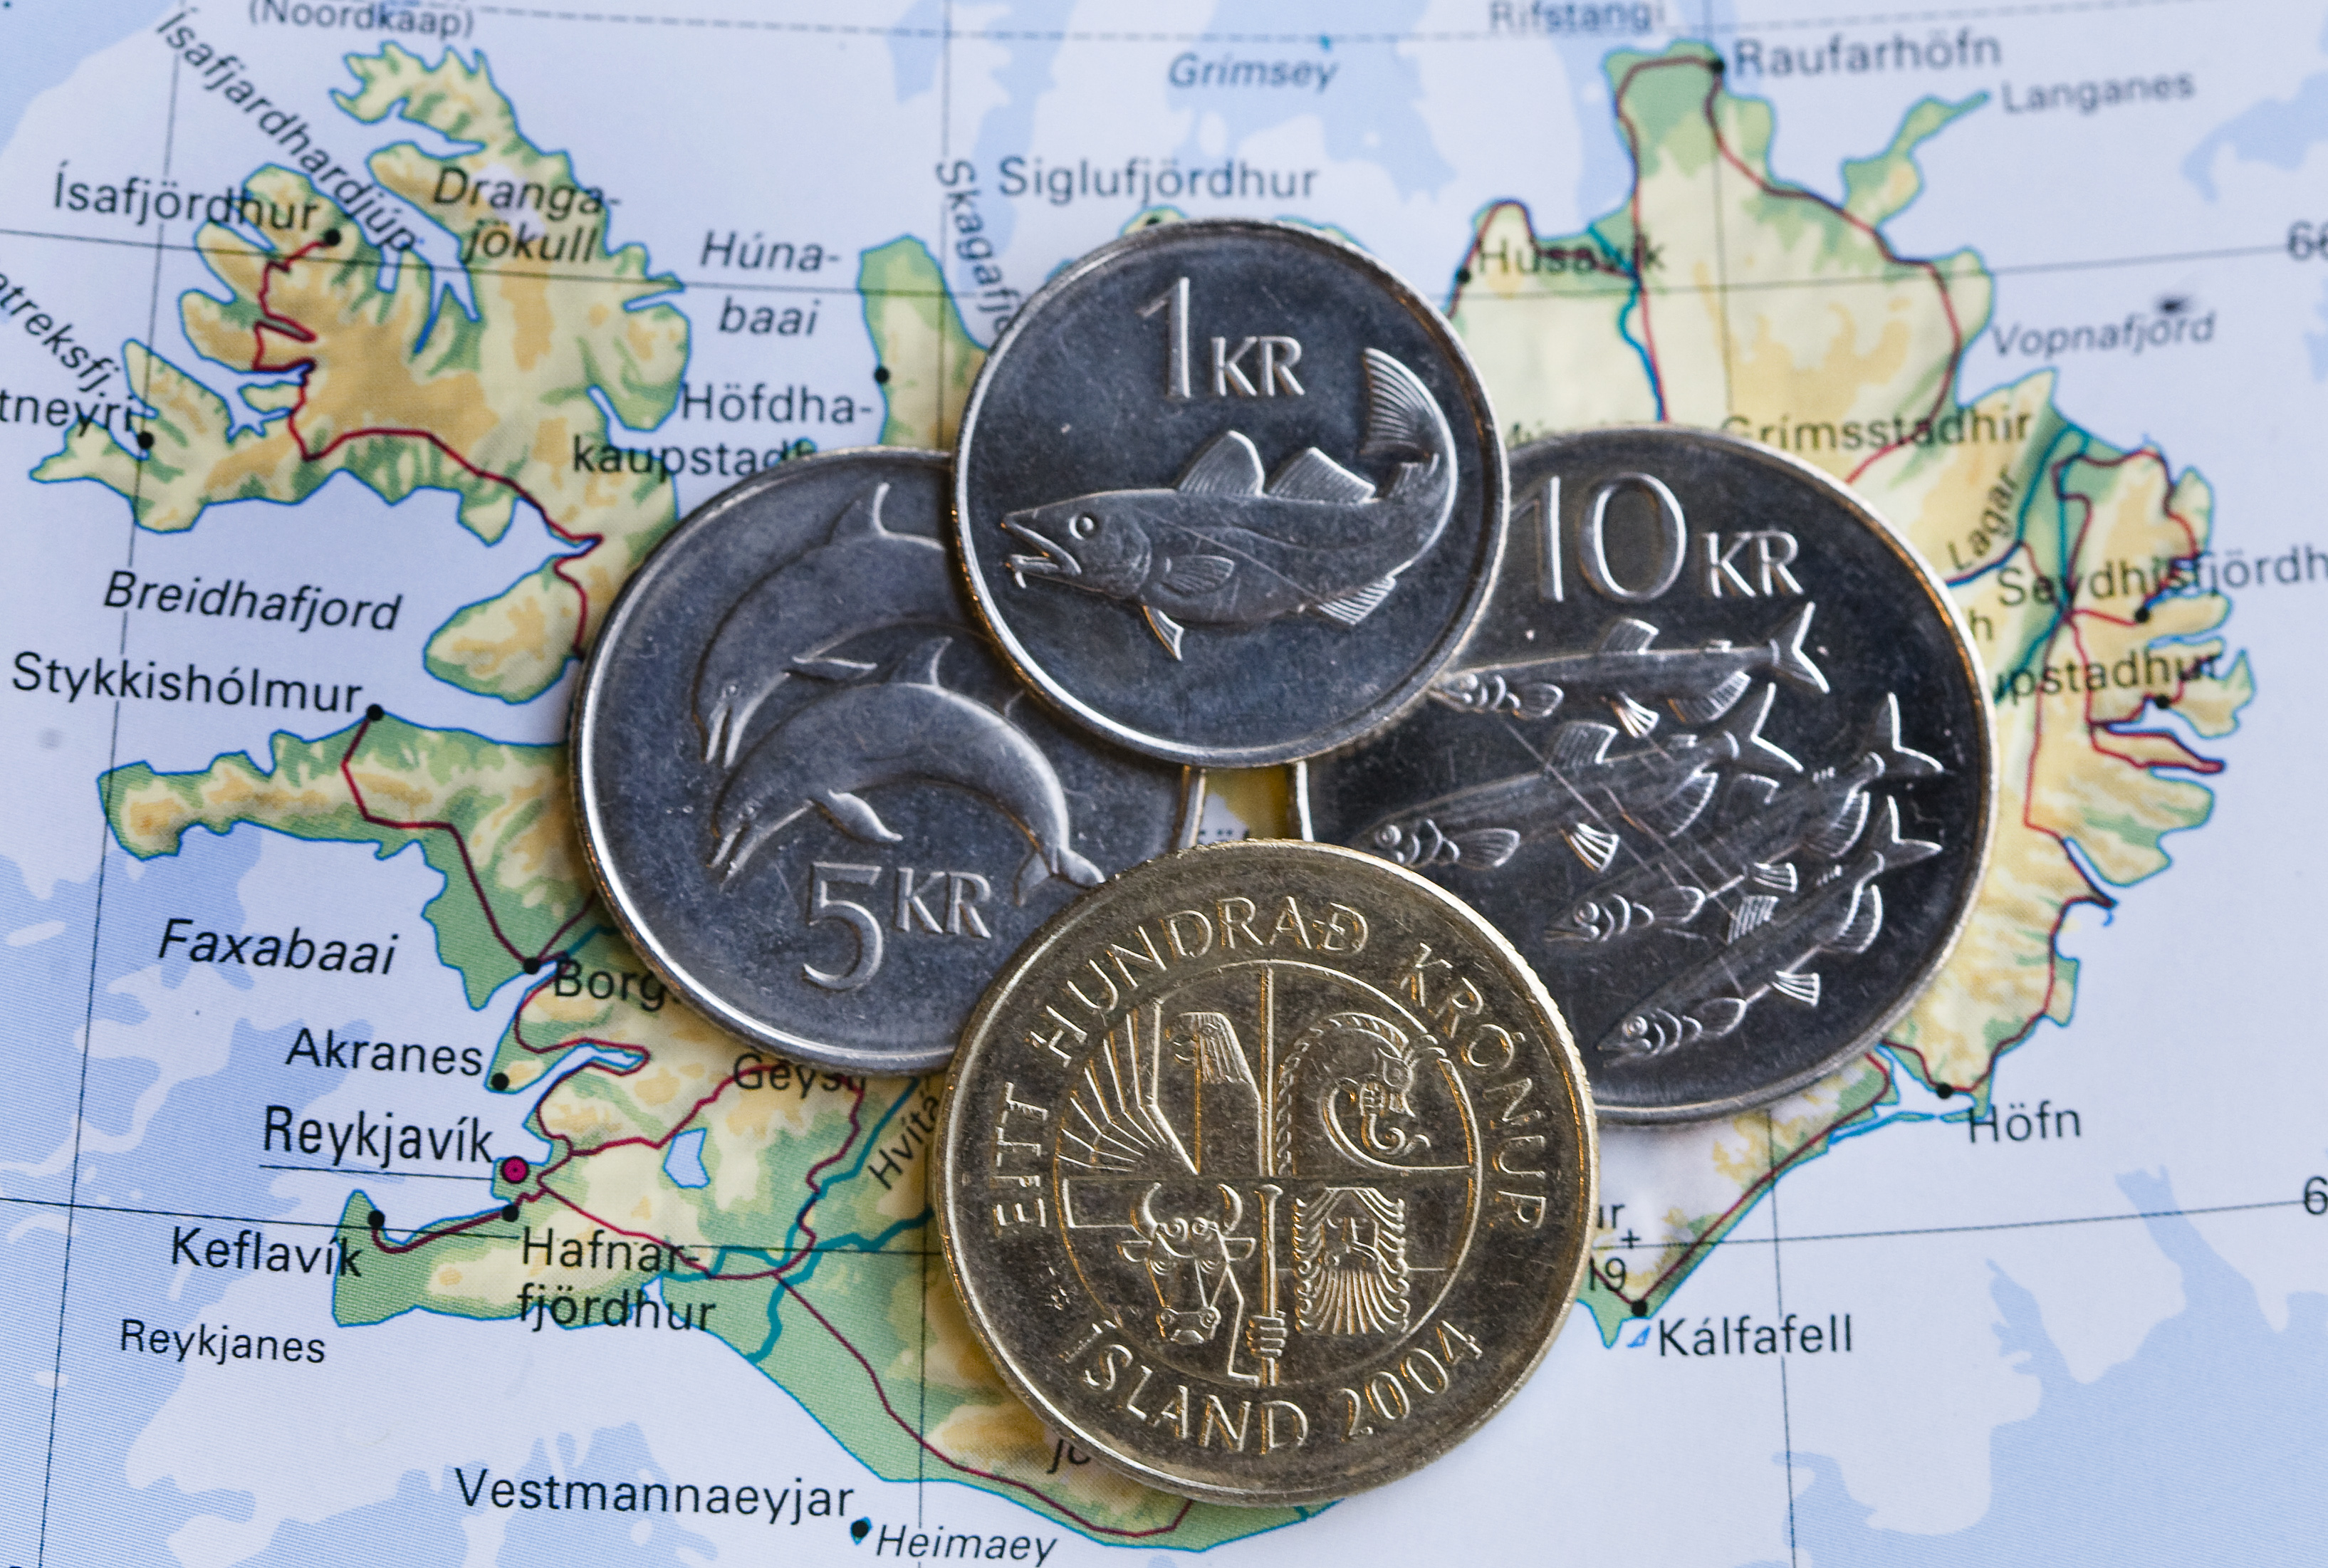 RIJSWIJK - IJslandse kronen. De regering van IJsland is gevallen. De regering lag al maanden zwaar onder vuur. De grootste banken van het land, waaronder Icesave, zijn mede door de kredietcrisis failliet gegaan. Het financiele systeem is daardoor ingestort en het land is nagenoeg bankroet. ANP PHOTO XTRA KOEN SUYK